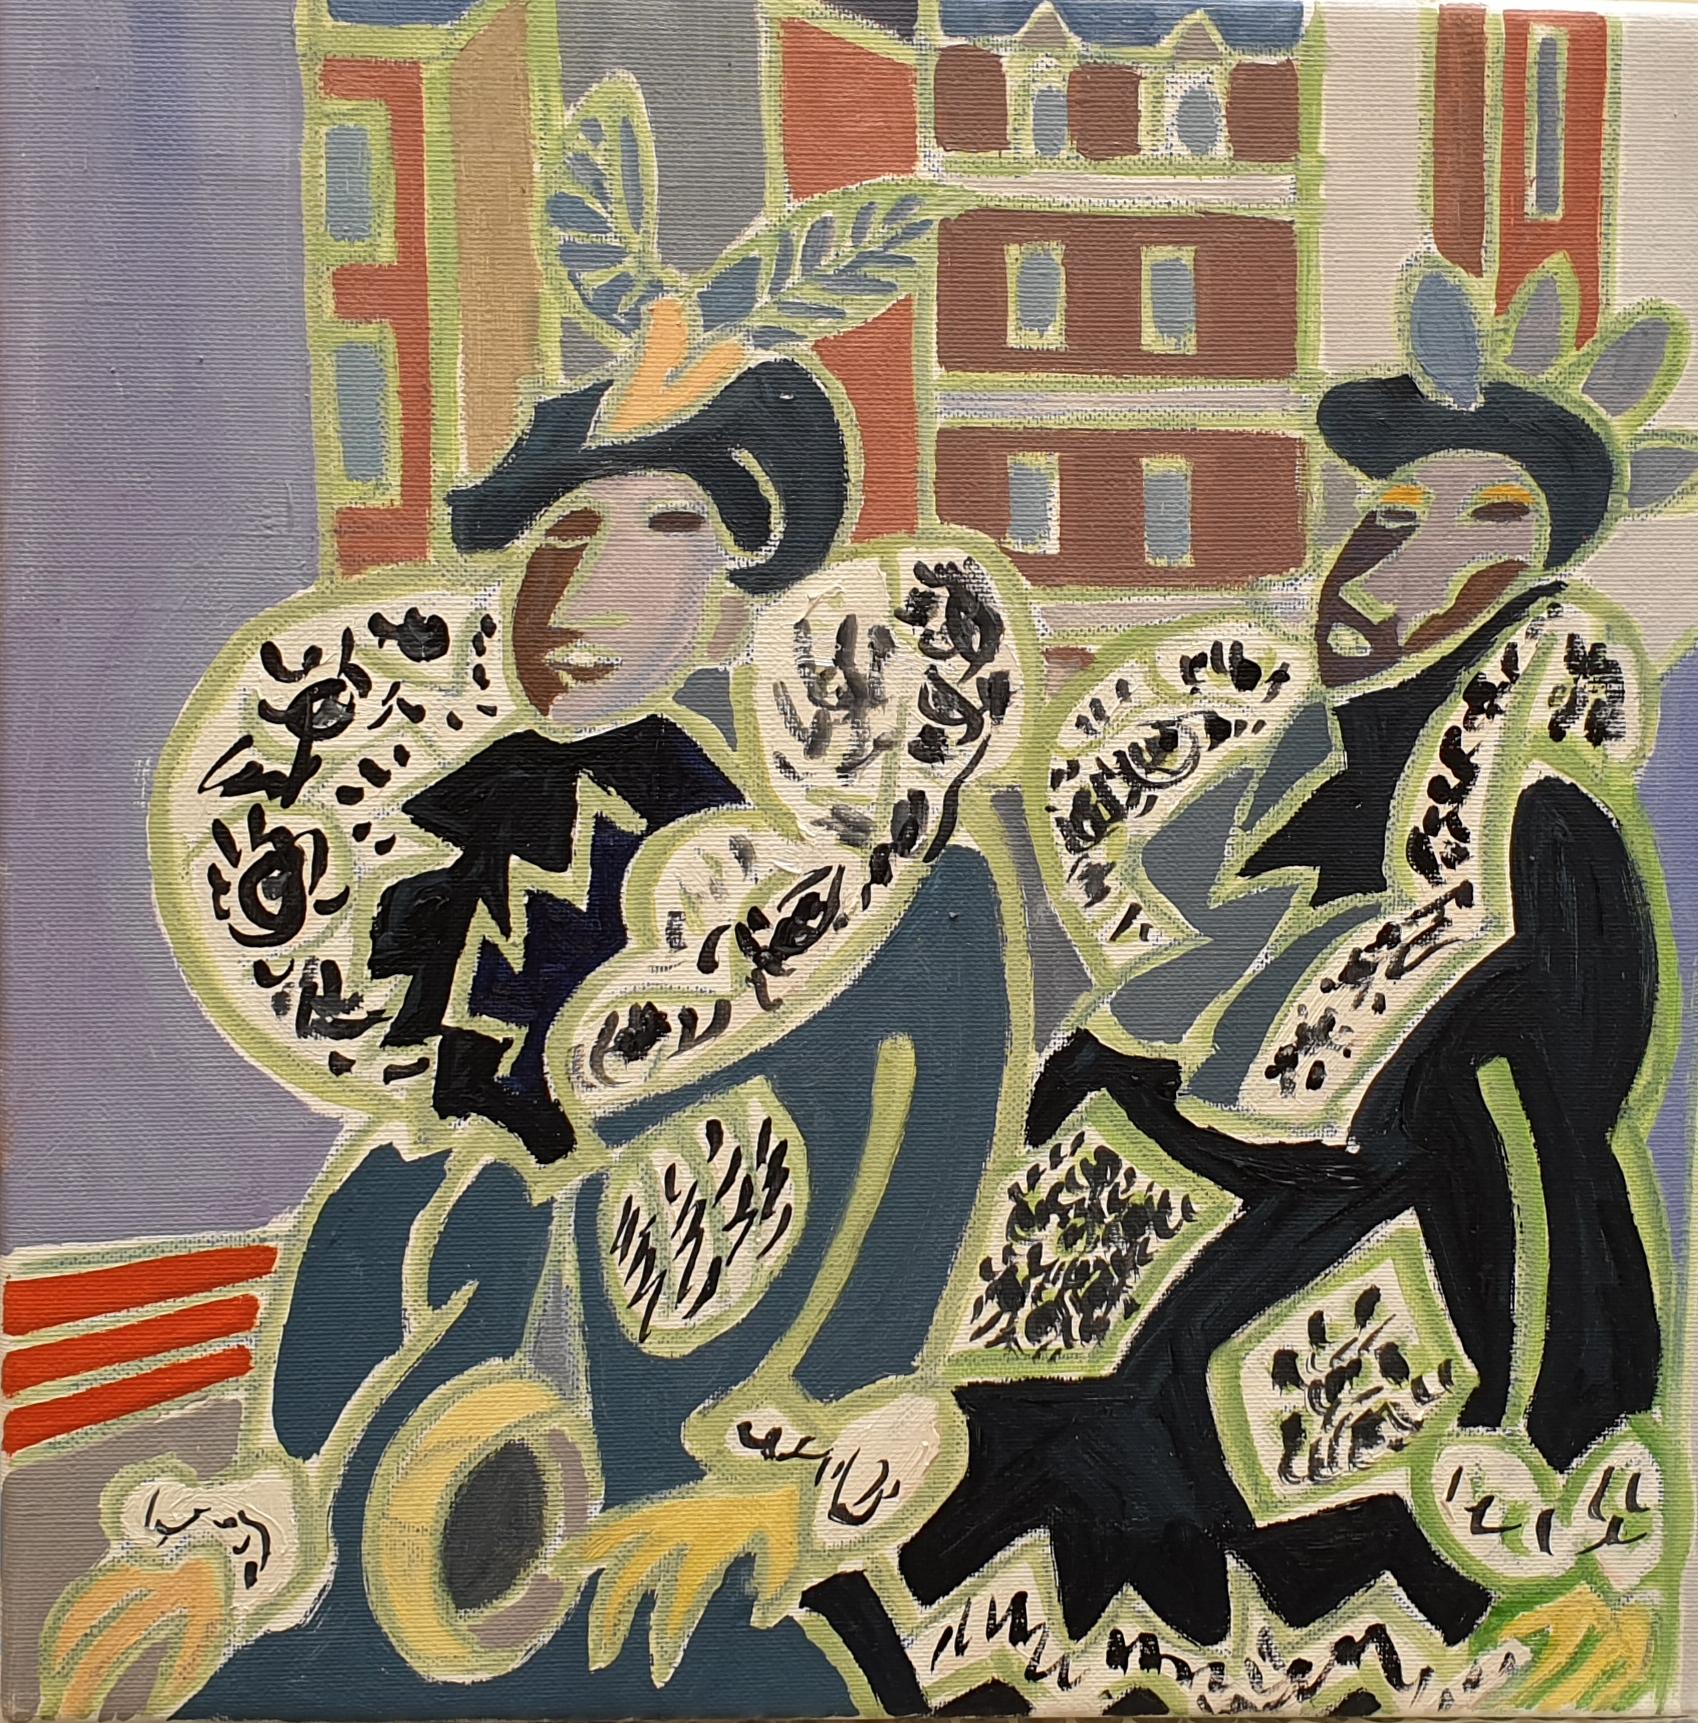 Elvire et Théo Peinture de Henri LANDIER 2019 35x35 cm Prix : 4 000 €